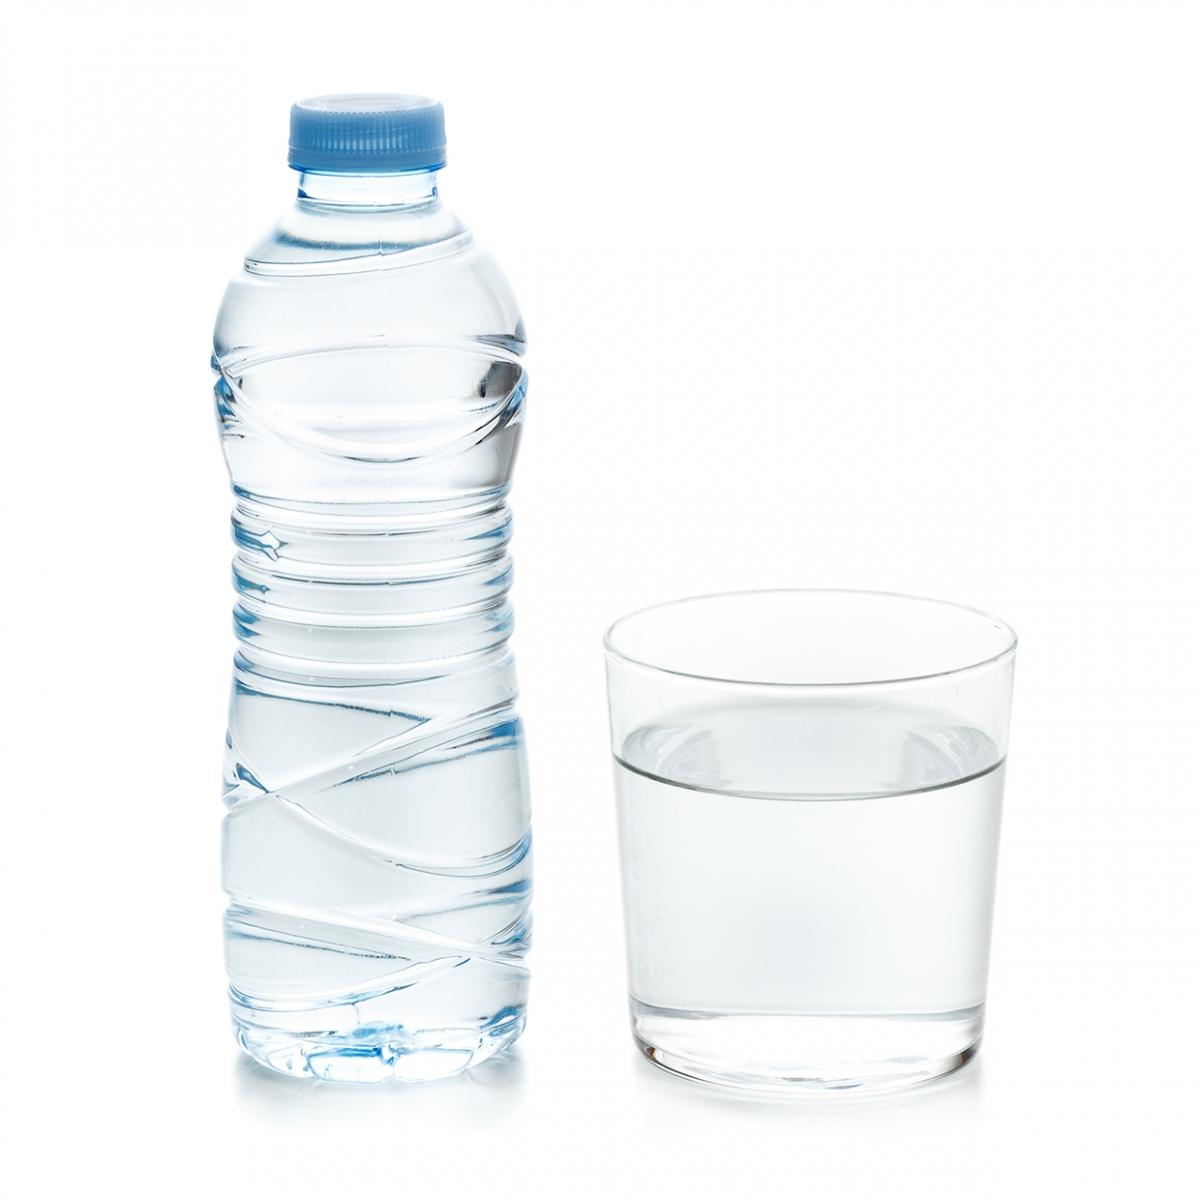 Imagen en la que se ve una botella de plástico llena de agua con un vaso lleno de agua a su lado